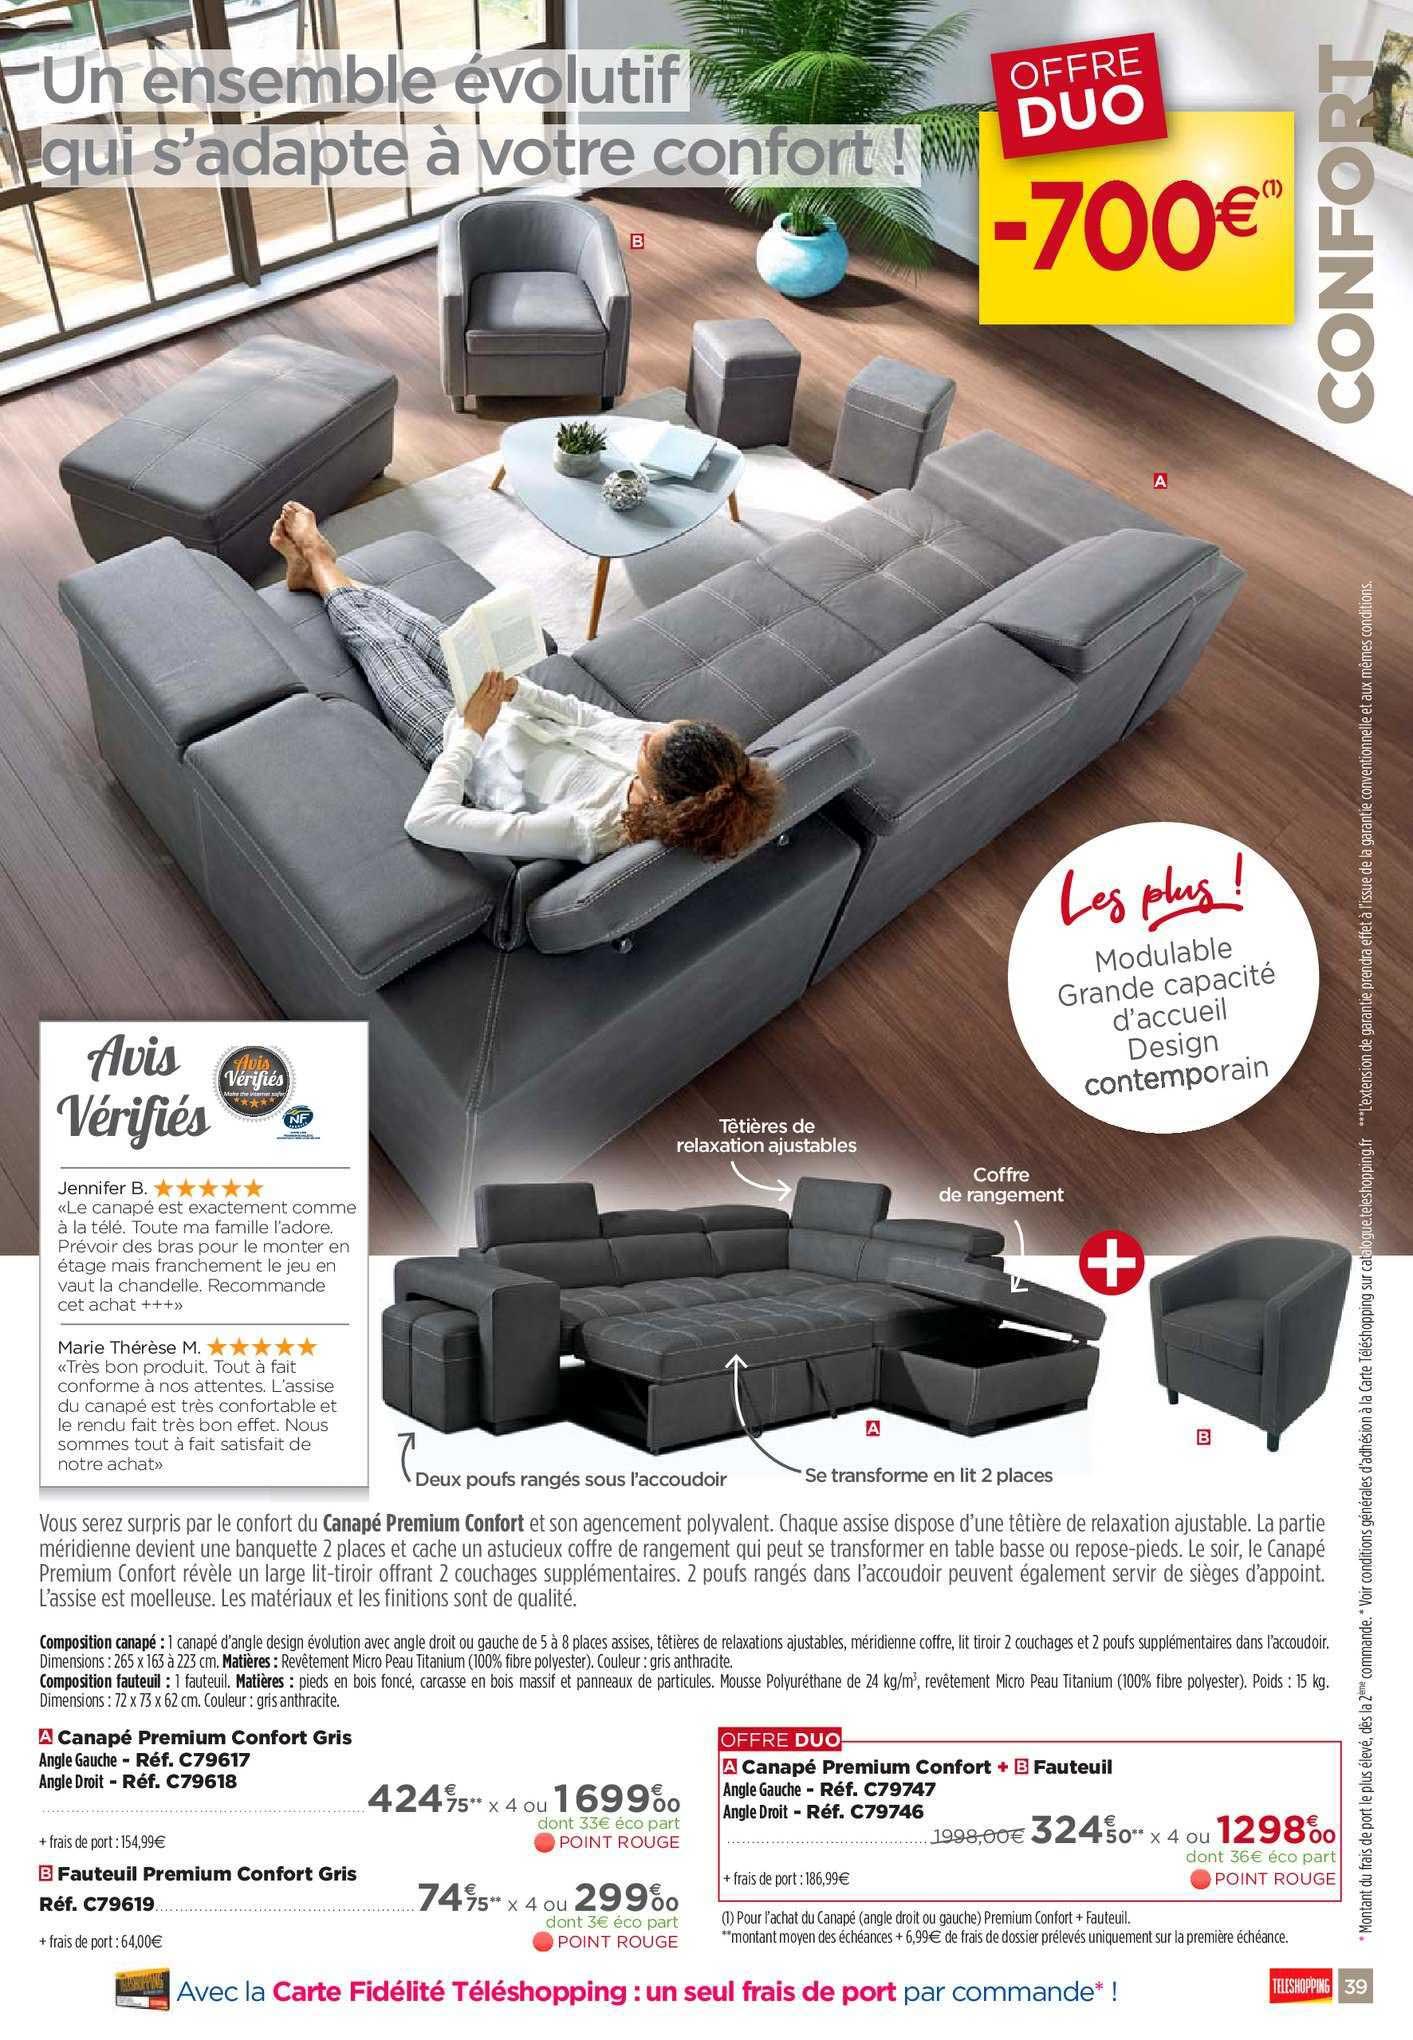 Teleshopping Canapé Premium Confort Fauteuil